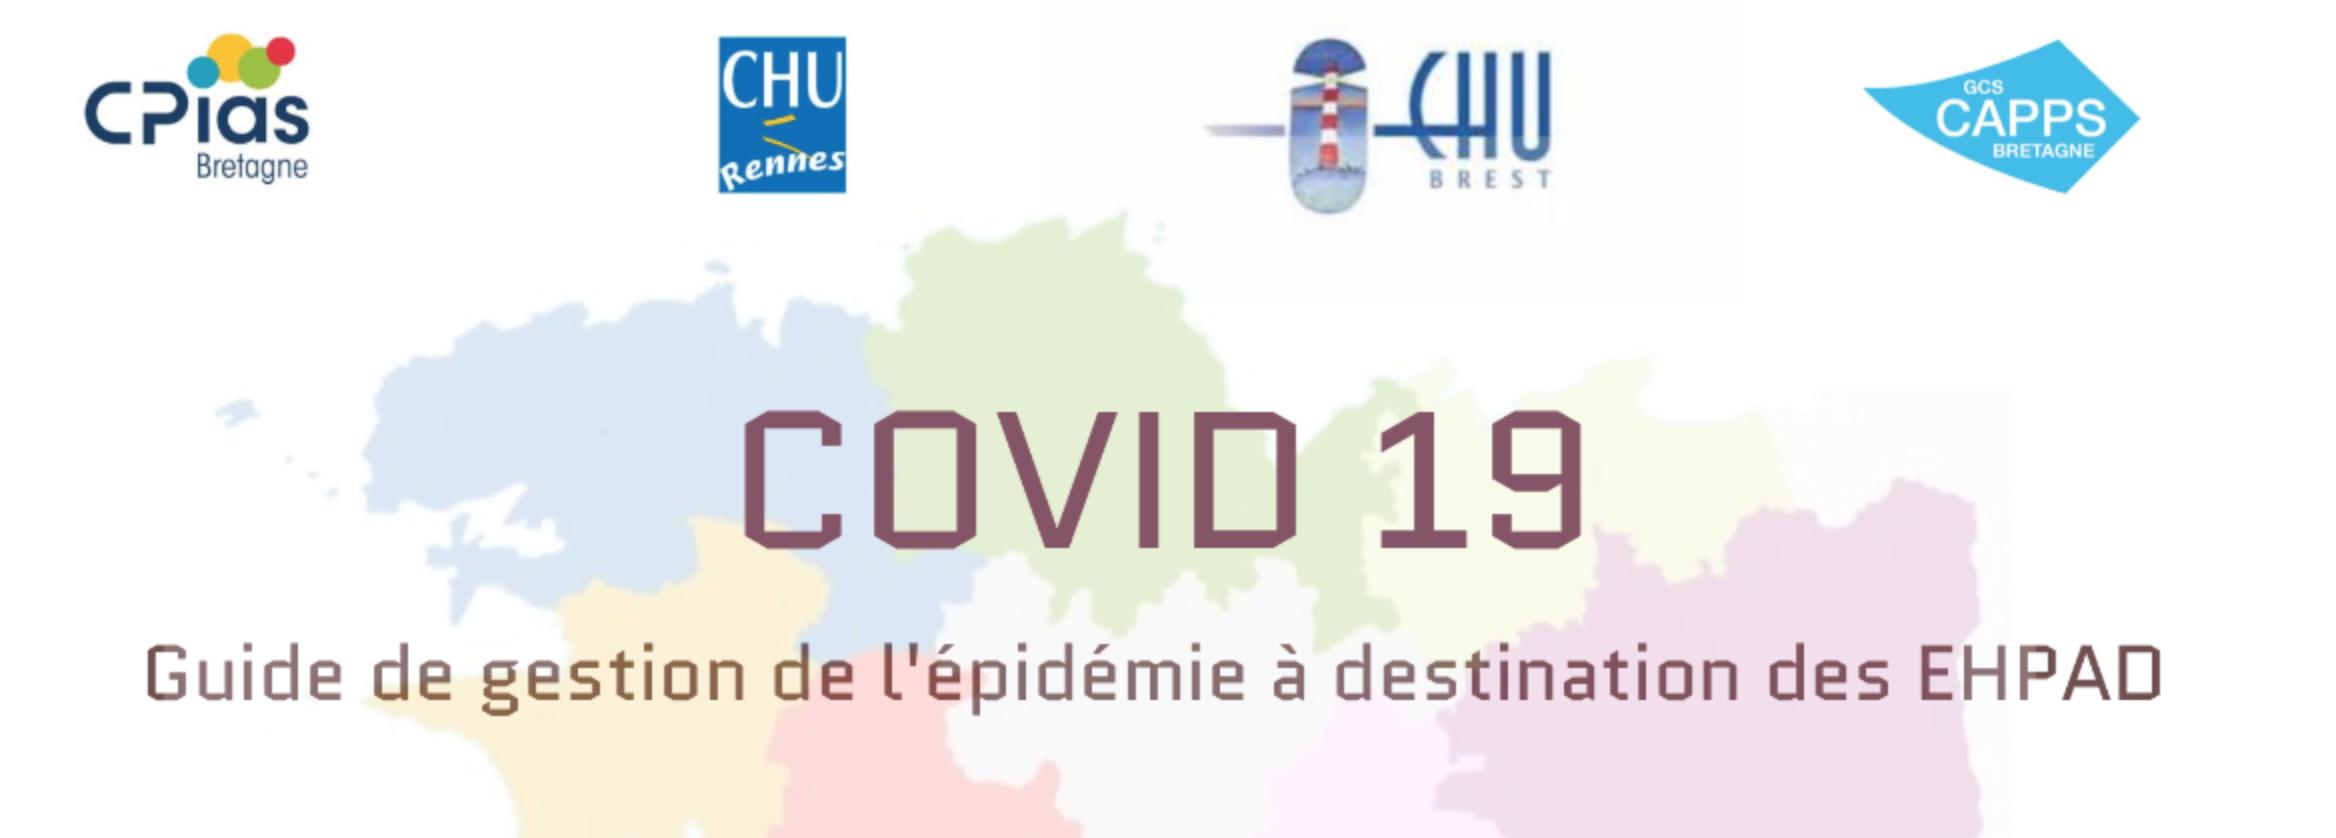 COVID 19 GUIDE